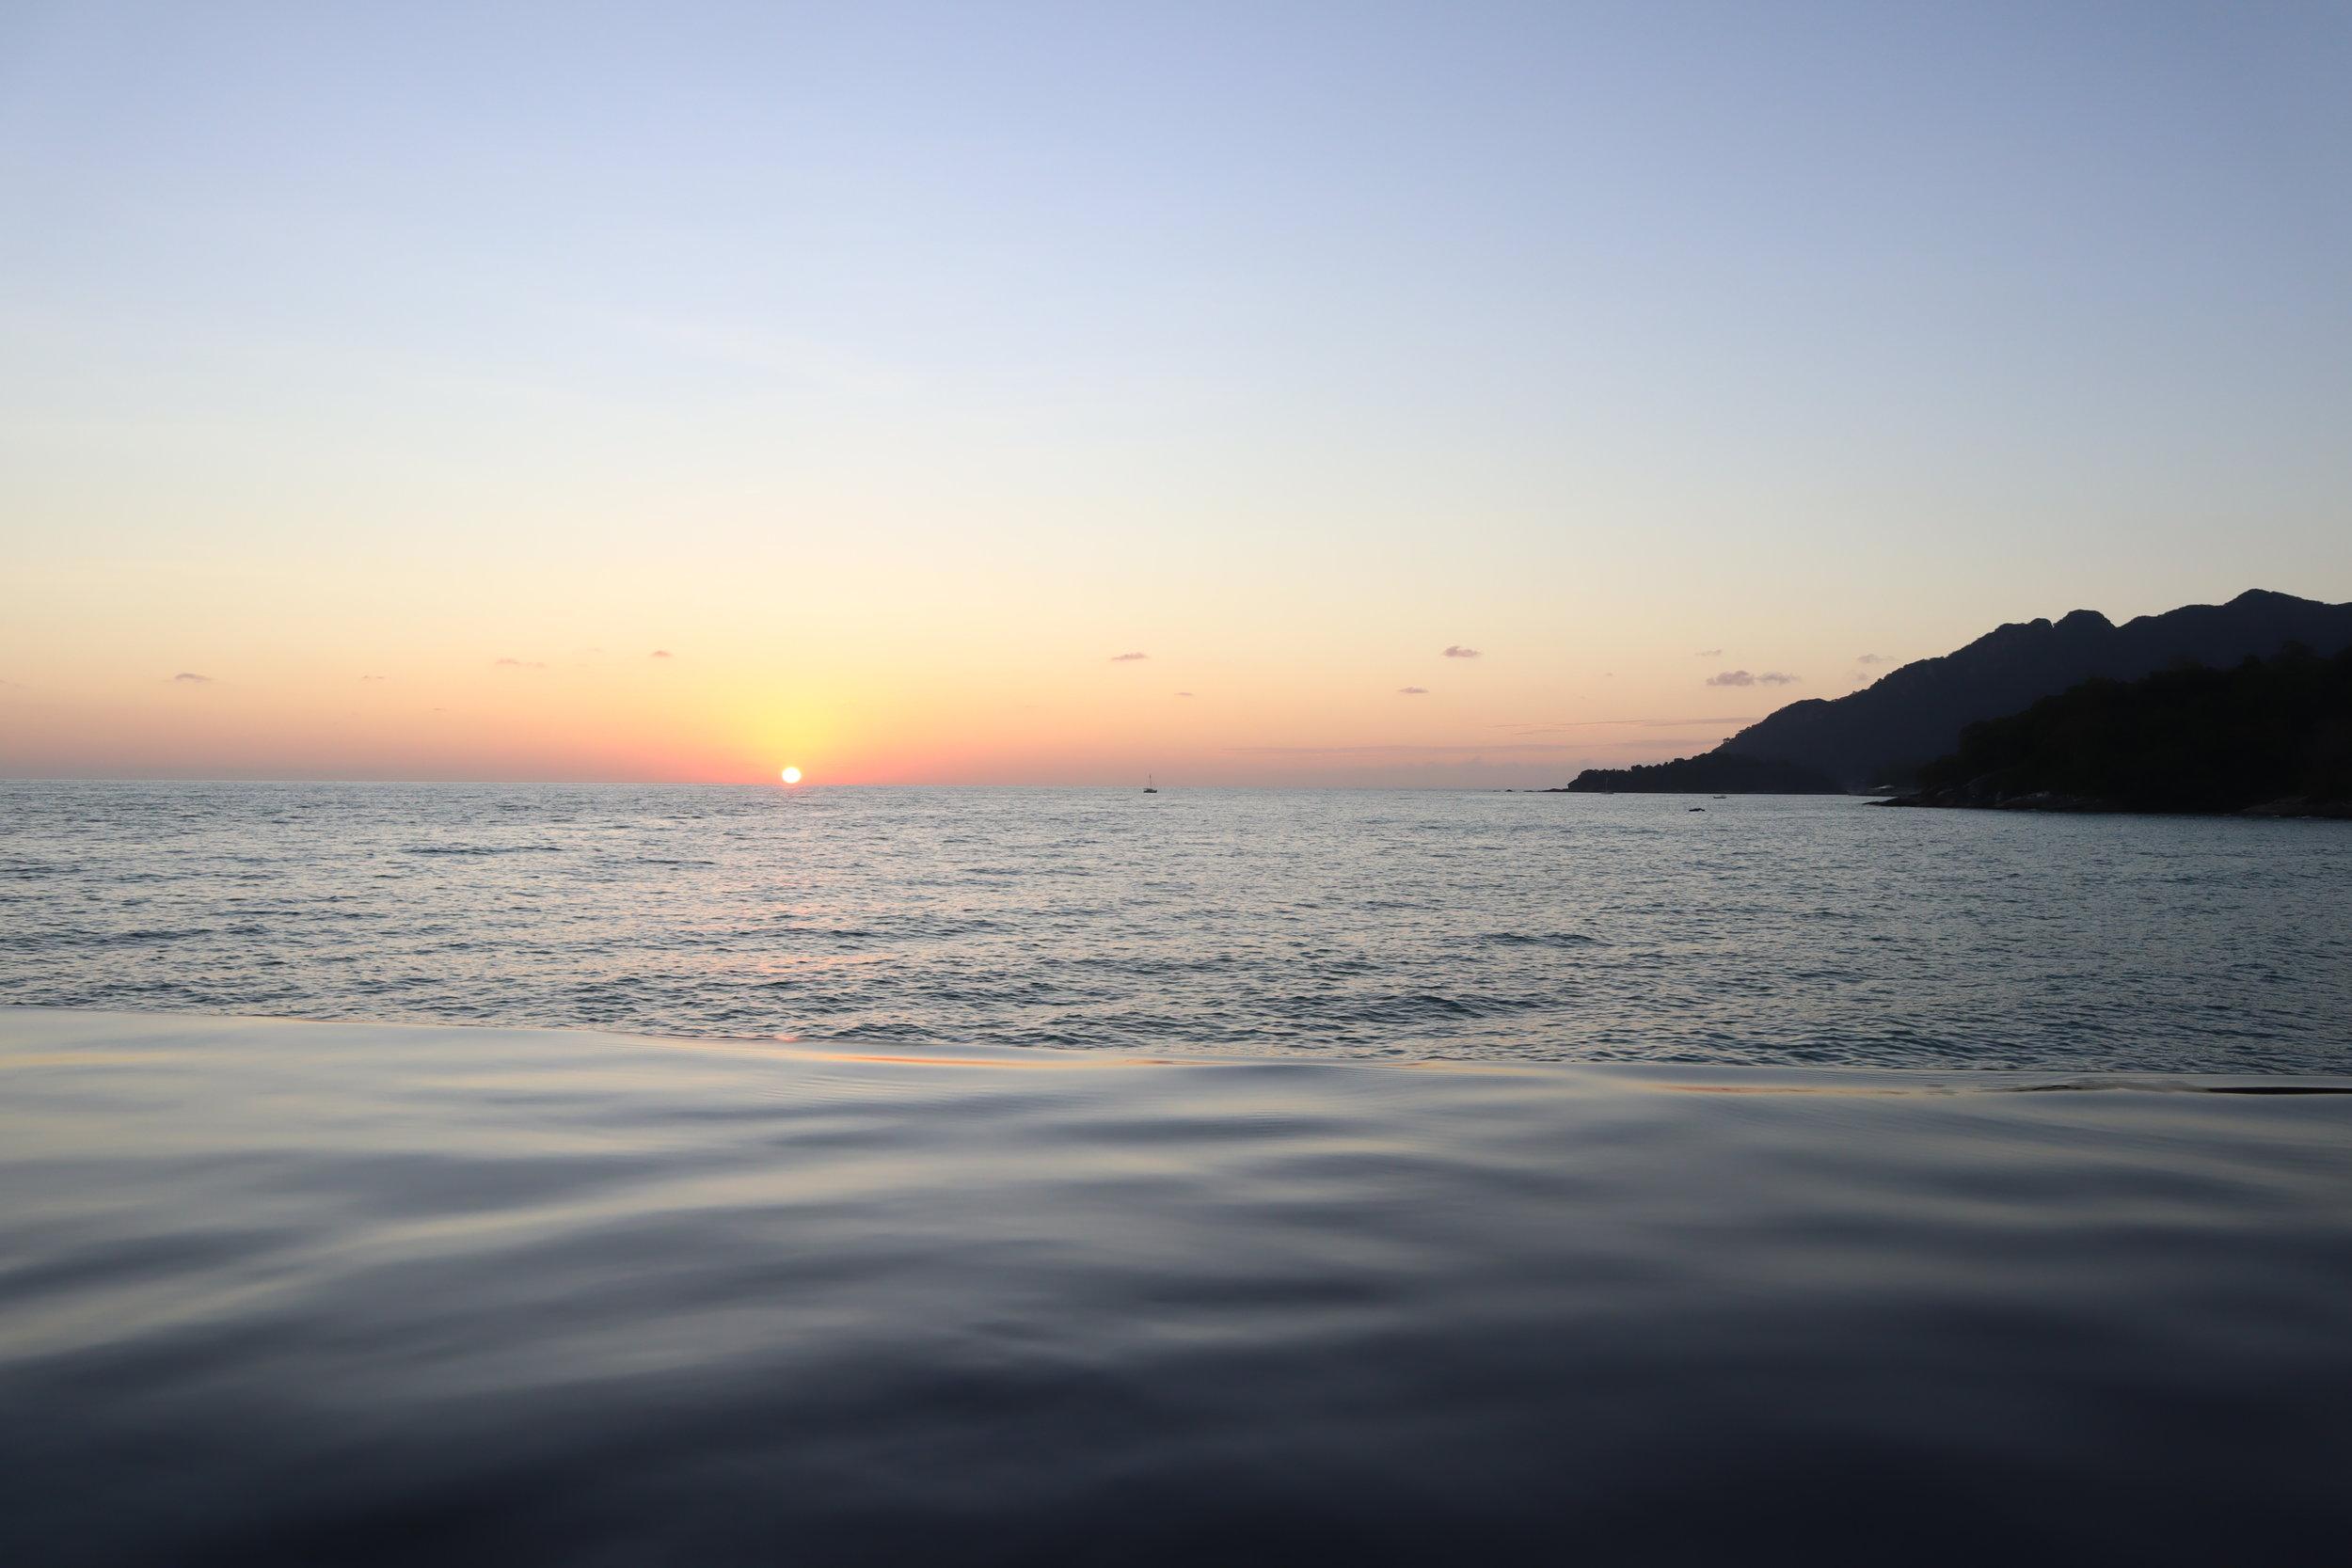 The Ritz-Carlton, Langkawi – Horizon infinity pool sunset view